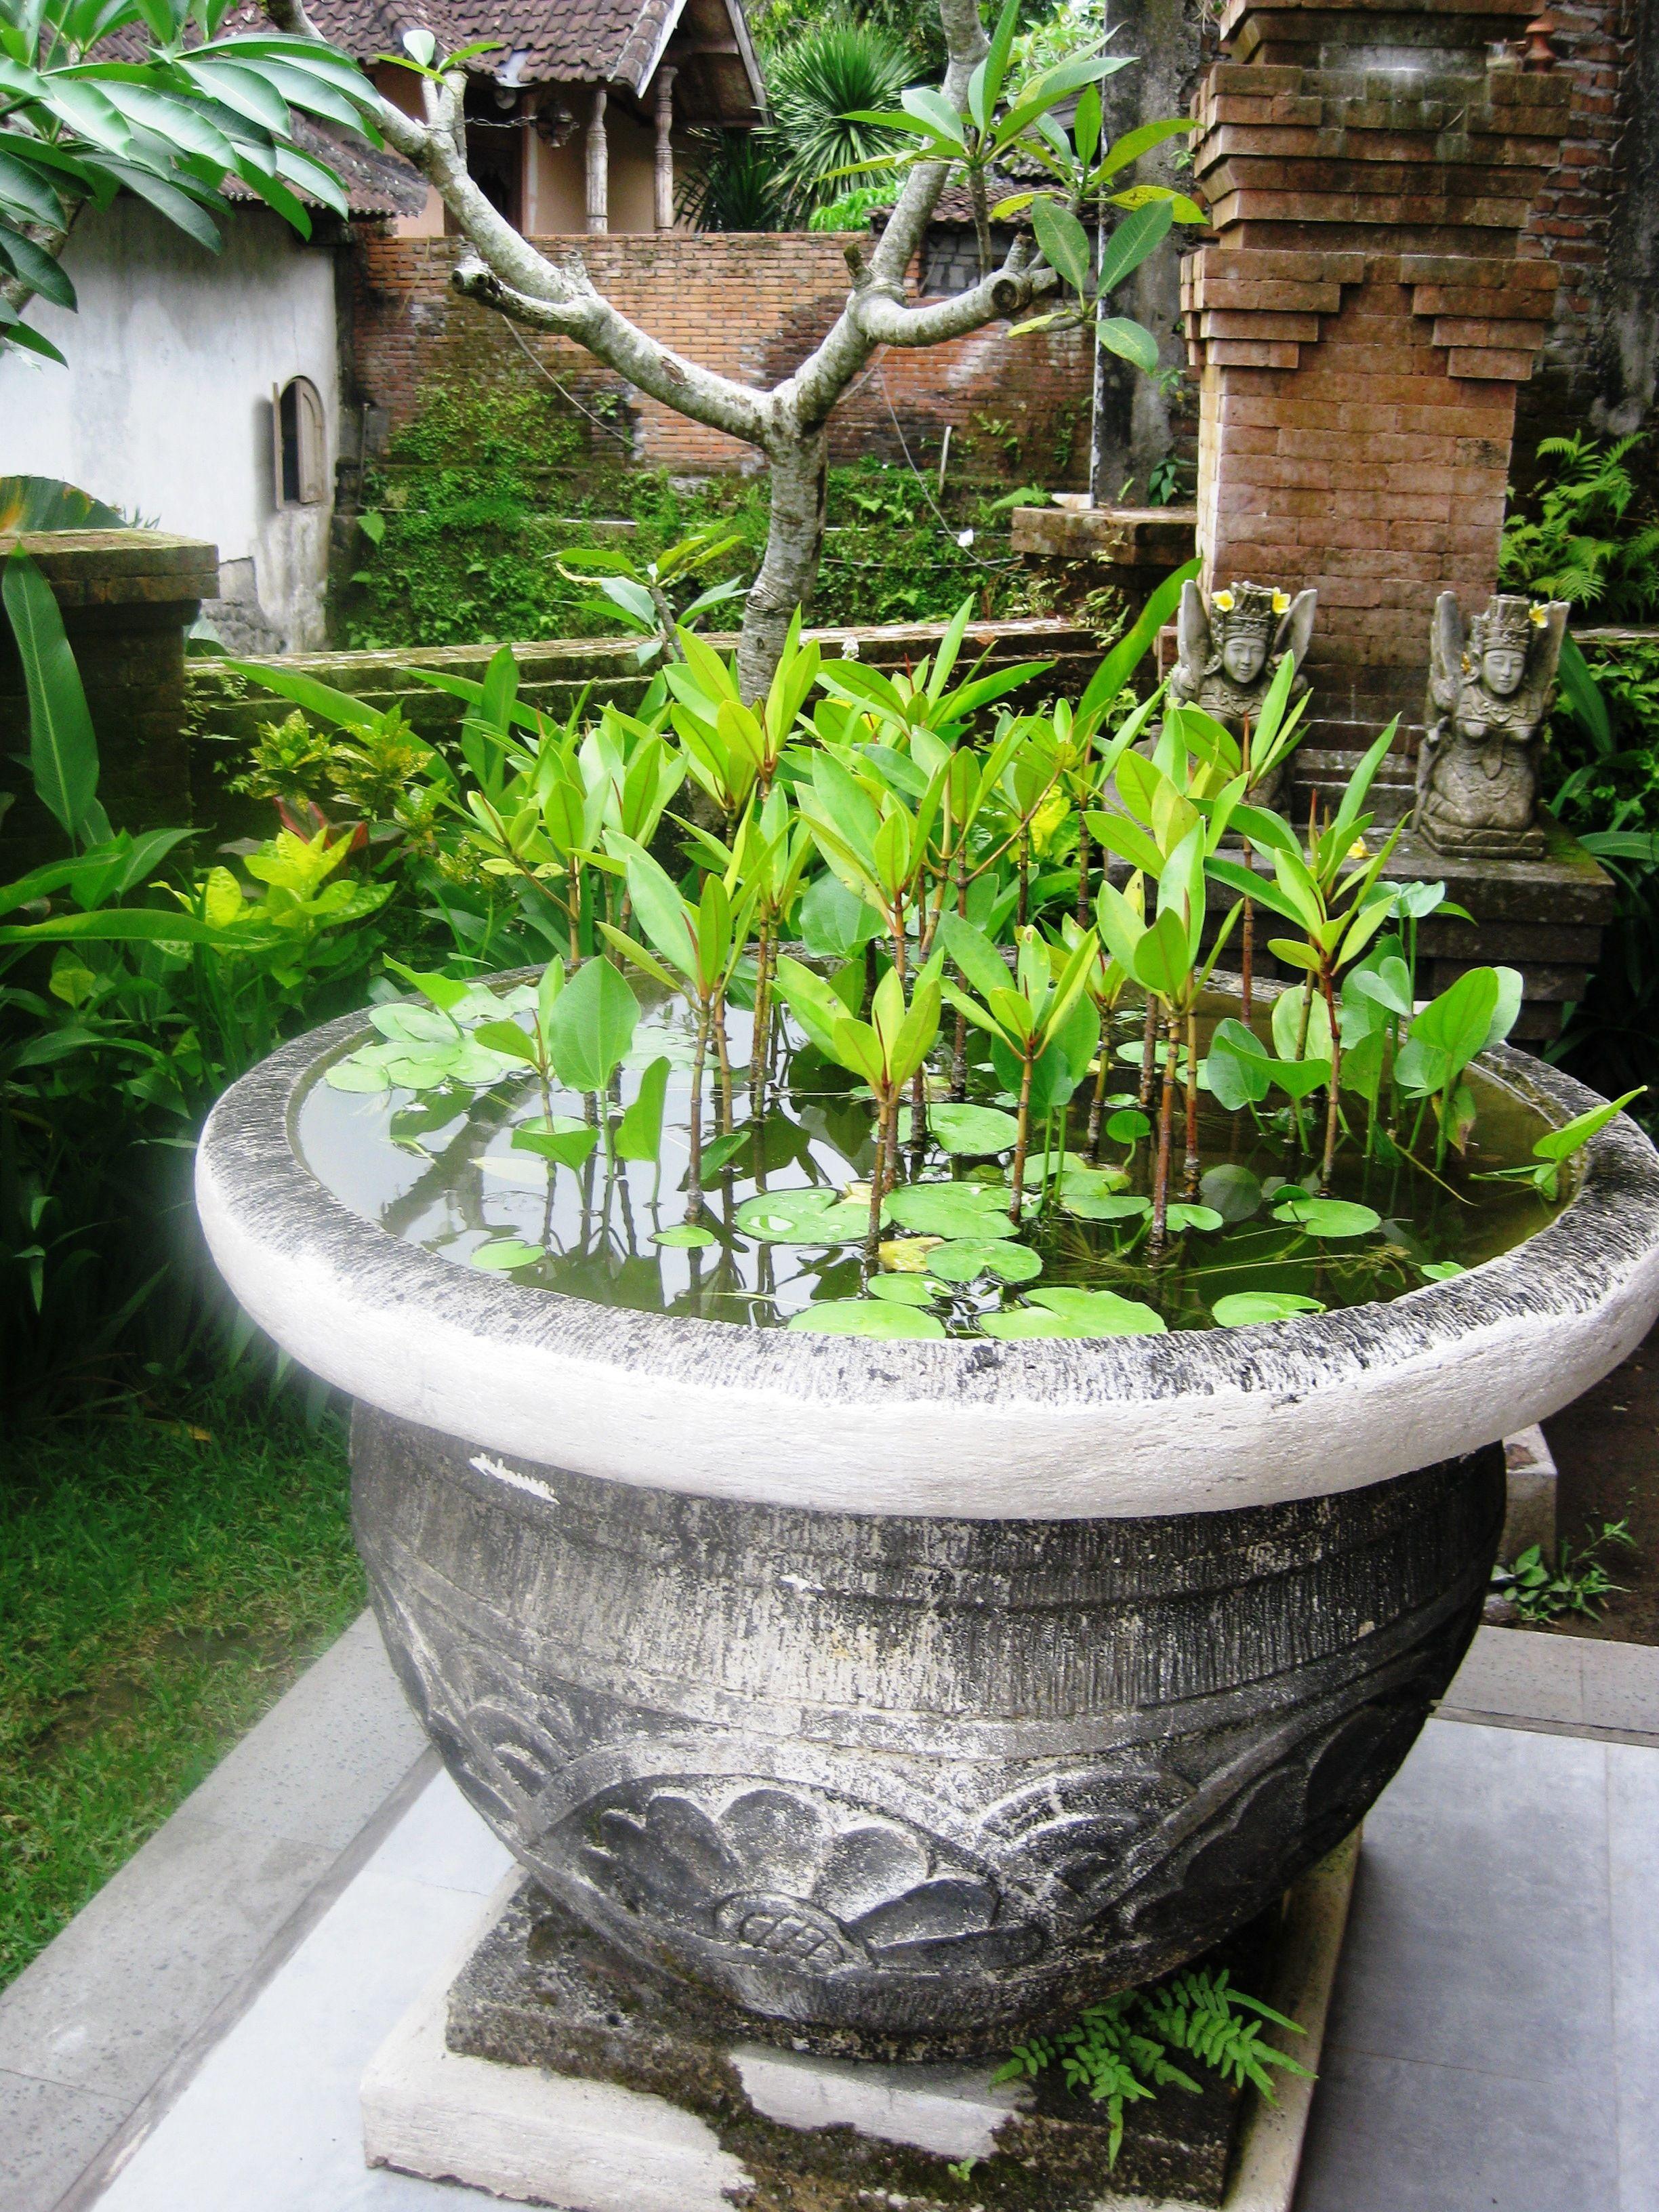 Lilies in the garden | Garden Ideas | Pinterest | Gardens, Tropical ...